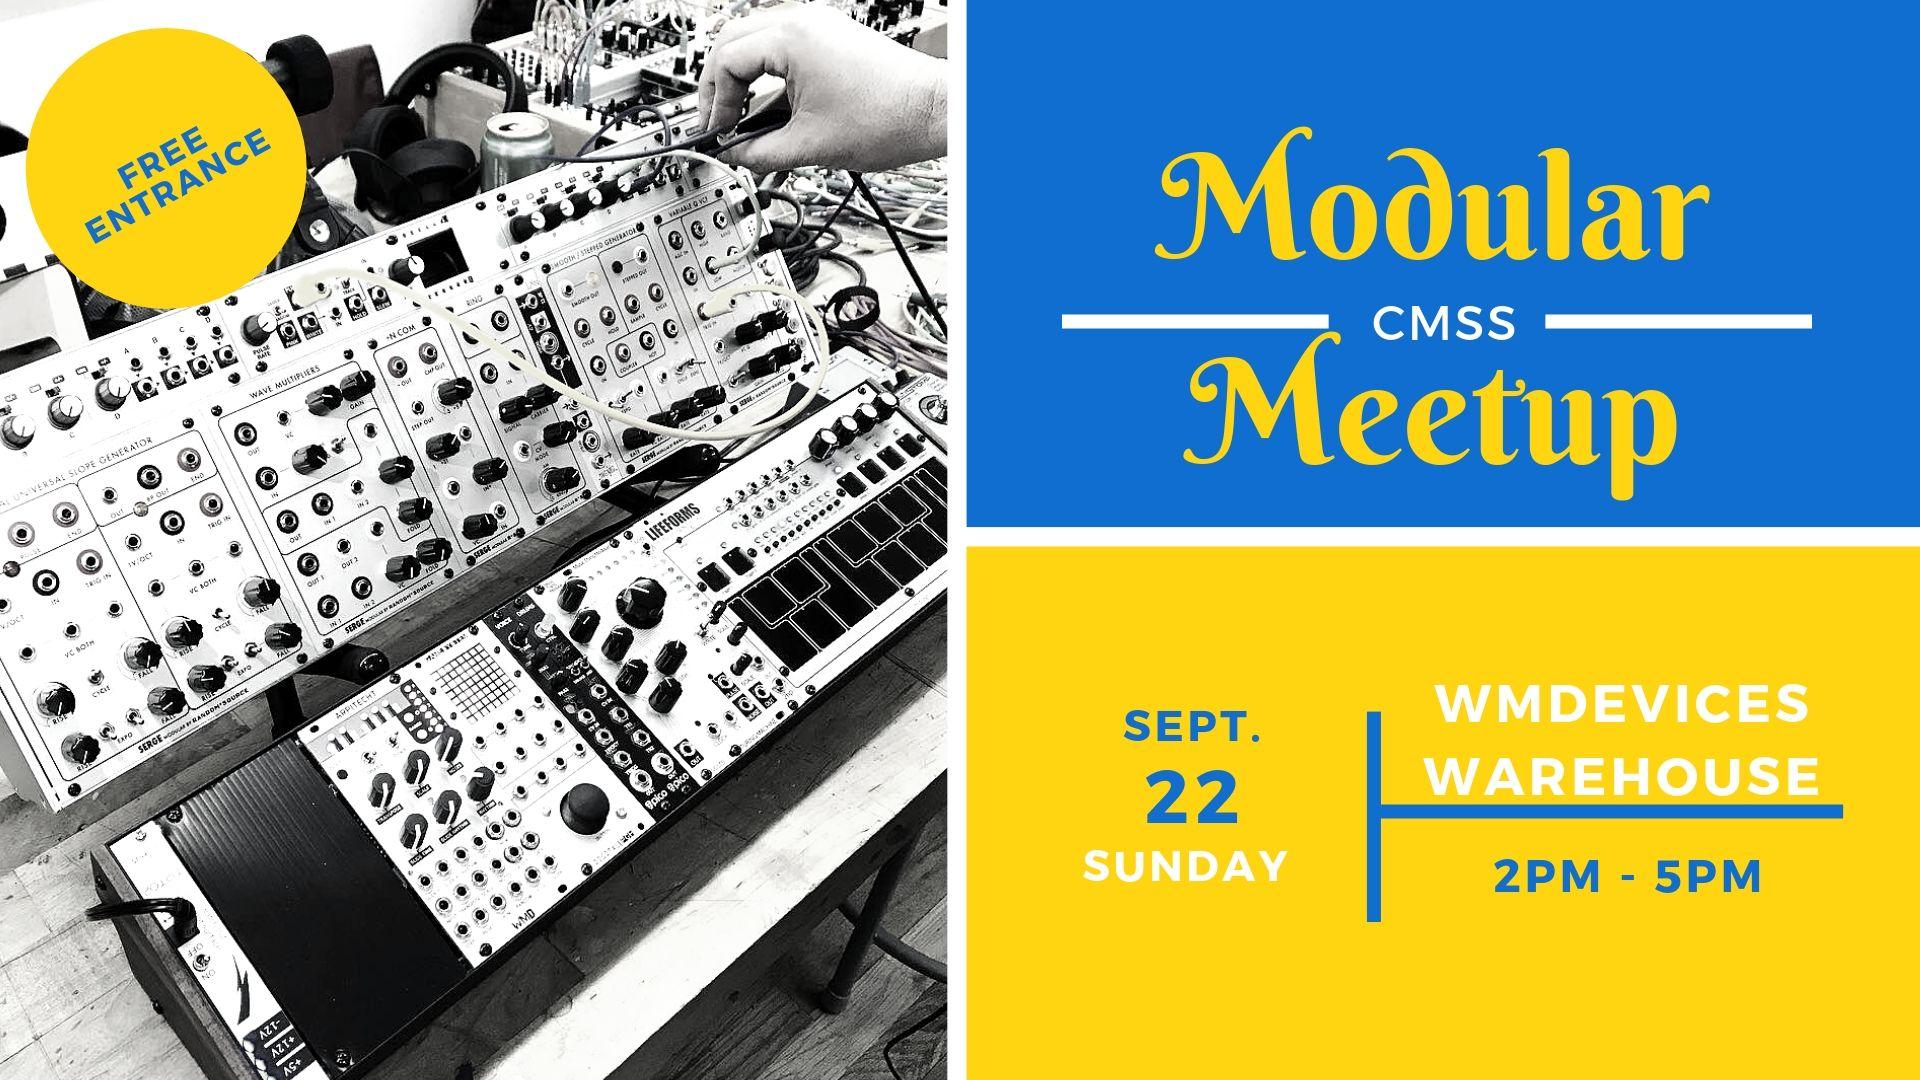 September meetup info for colorado modular synth society